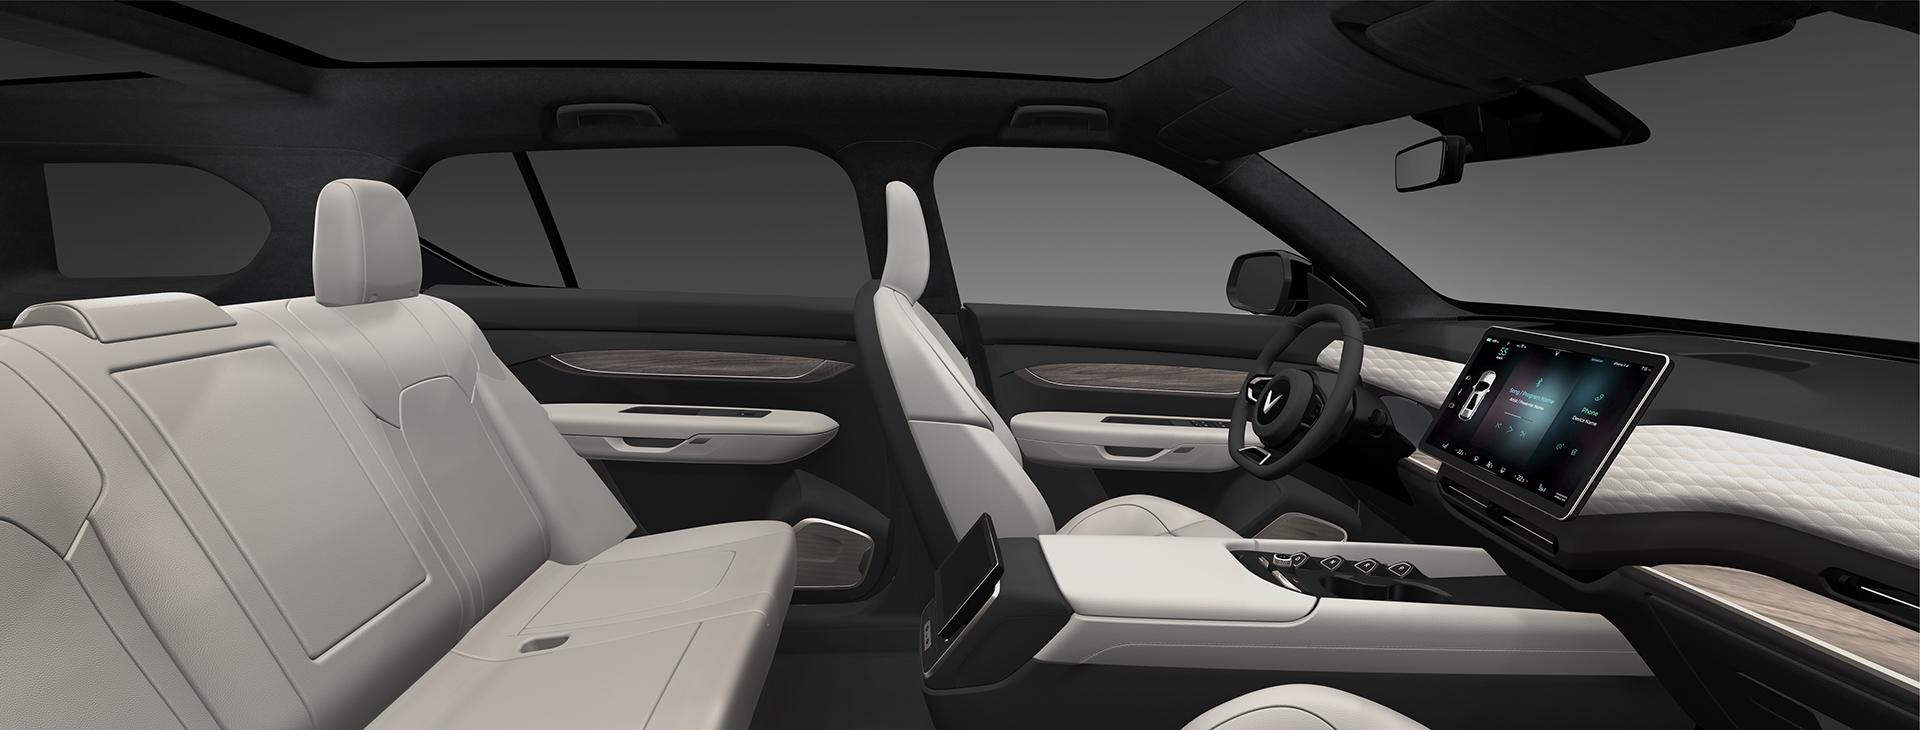 VinFast ra mắt 3 dòng ô tô điện tự lái - Khẳng định tầm nhìn trở thành hãng xe điện thông minh toàn cầu 9